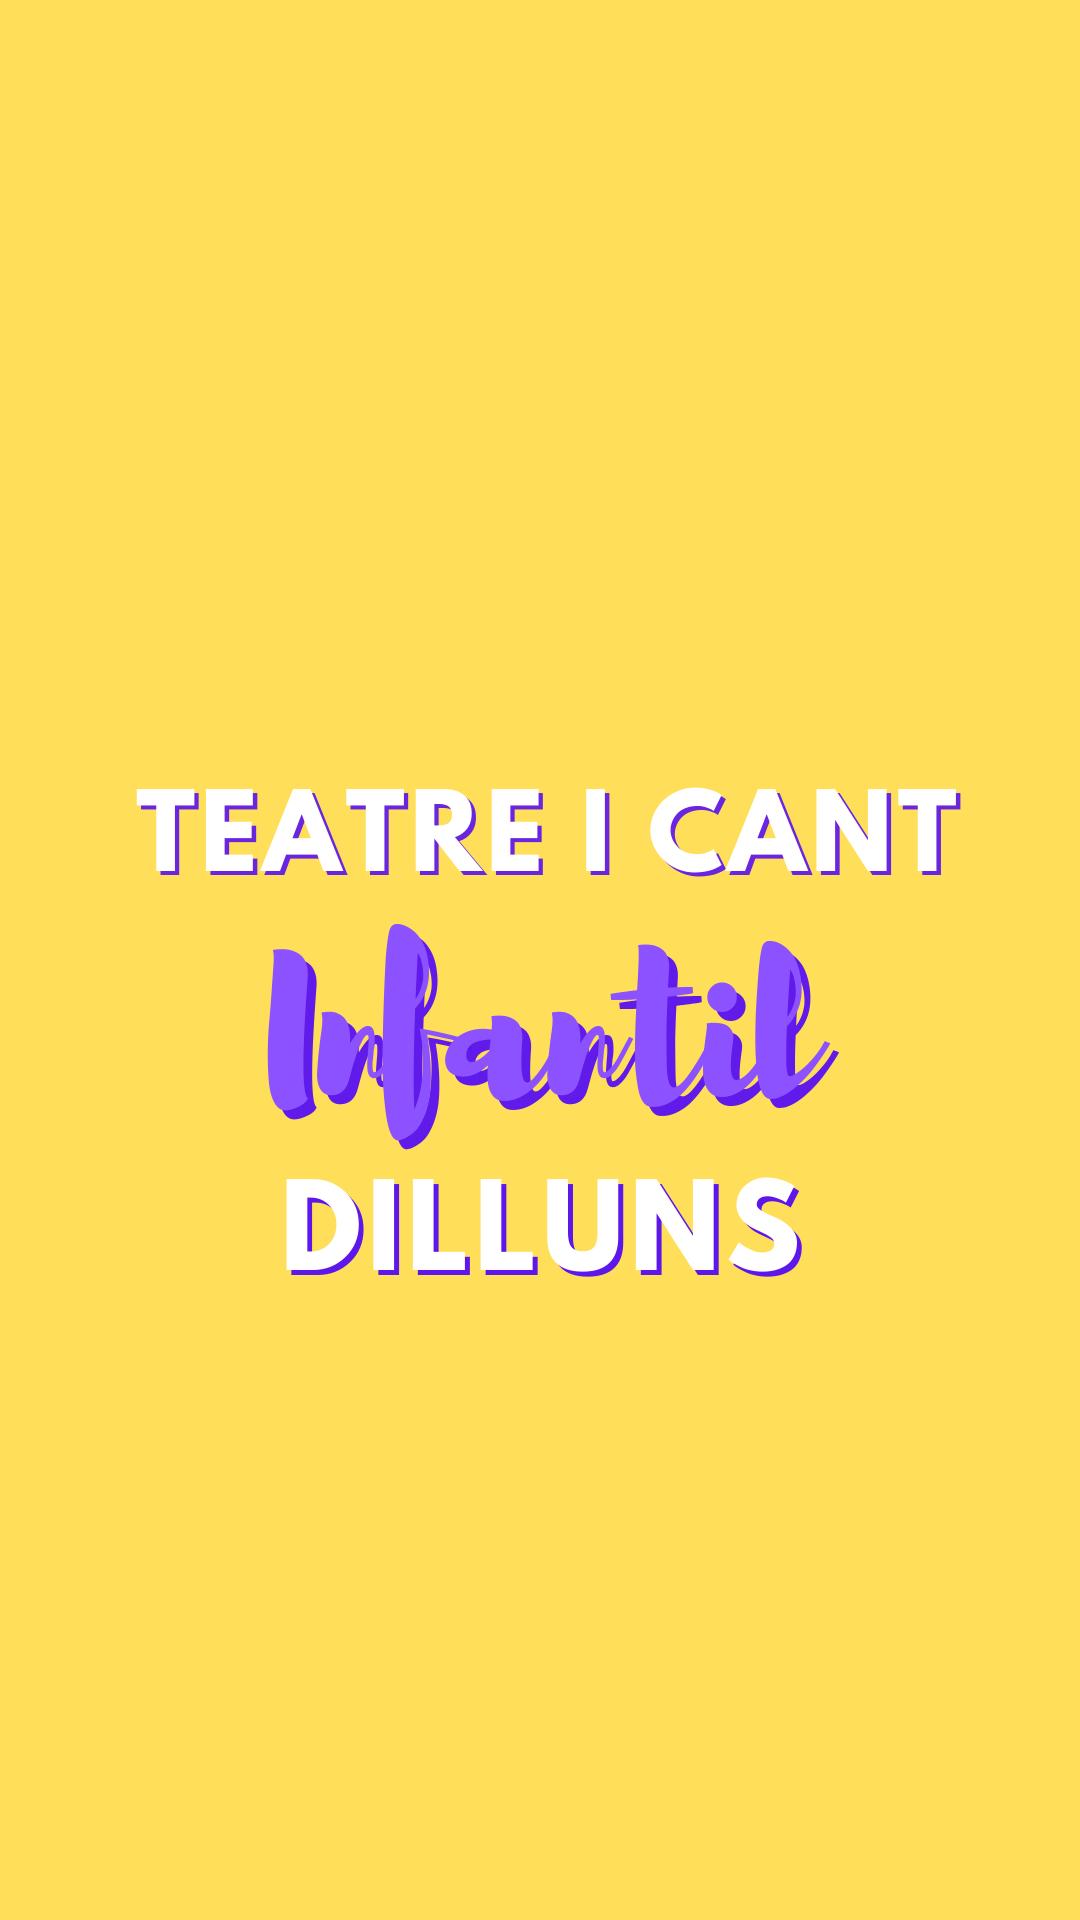 Teatre i Cant Infantil 2 (dilluns)